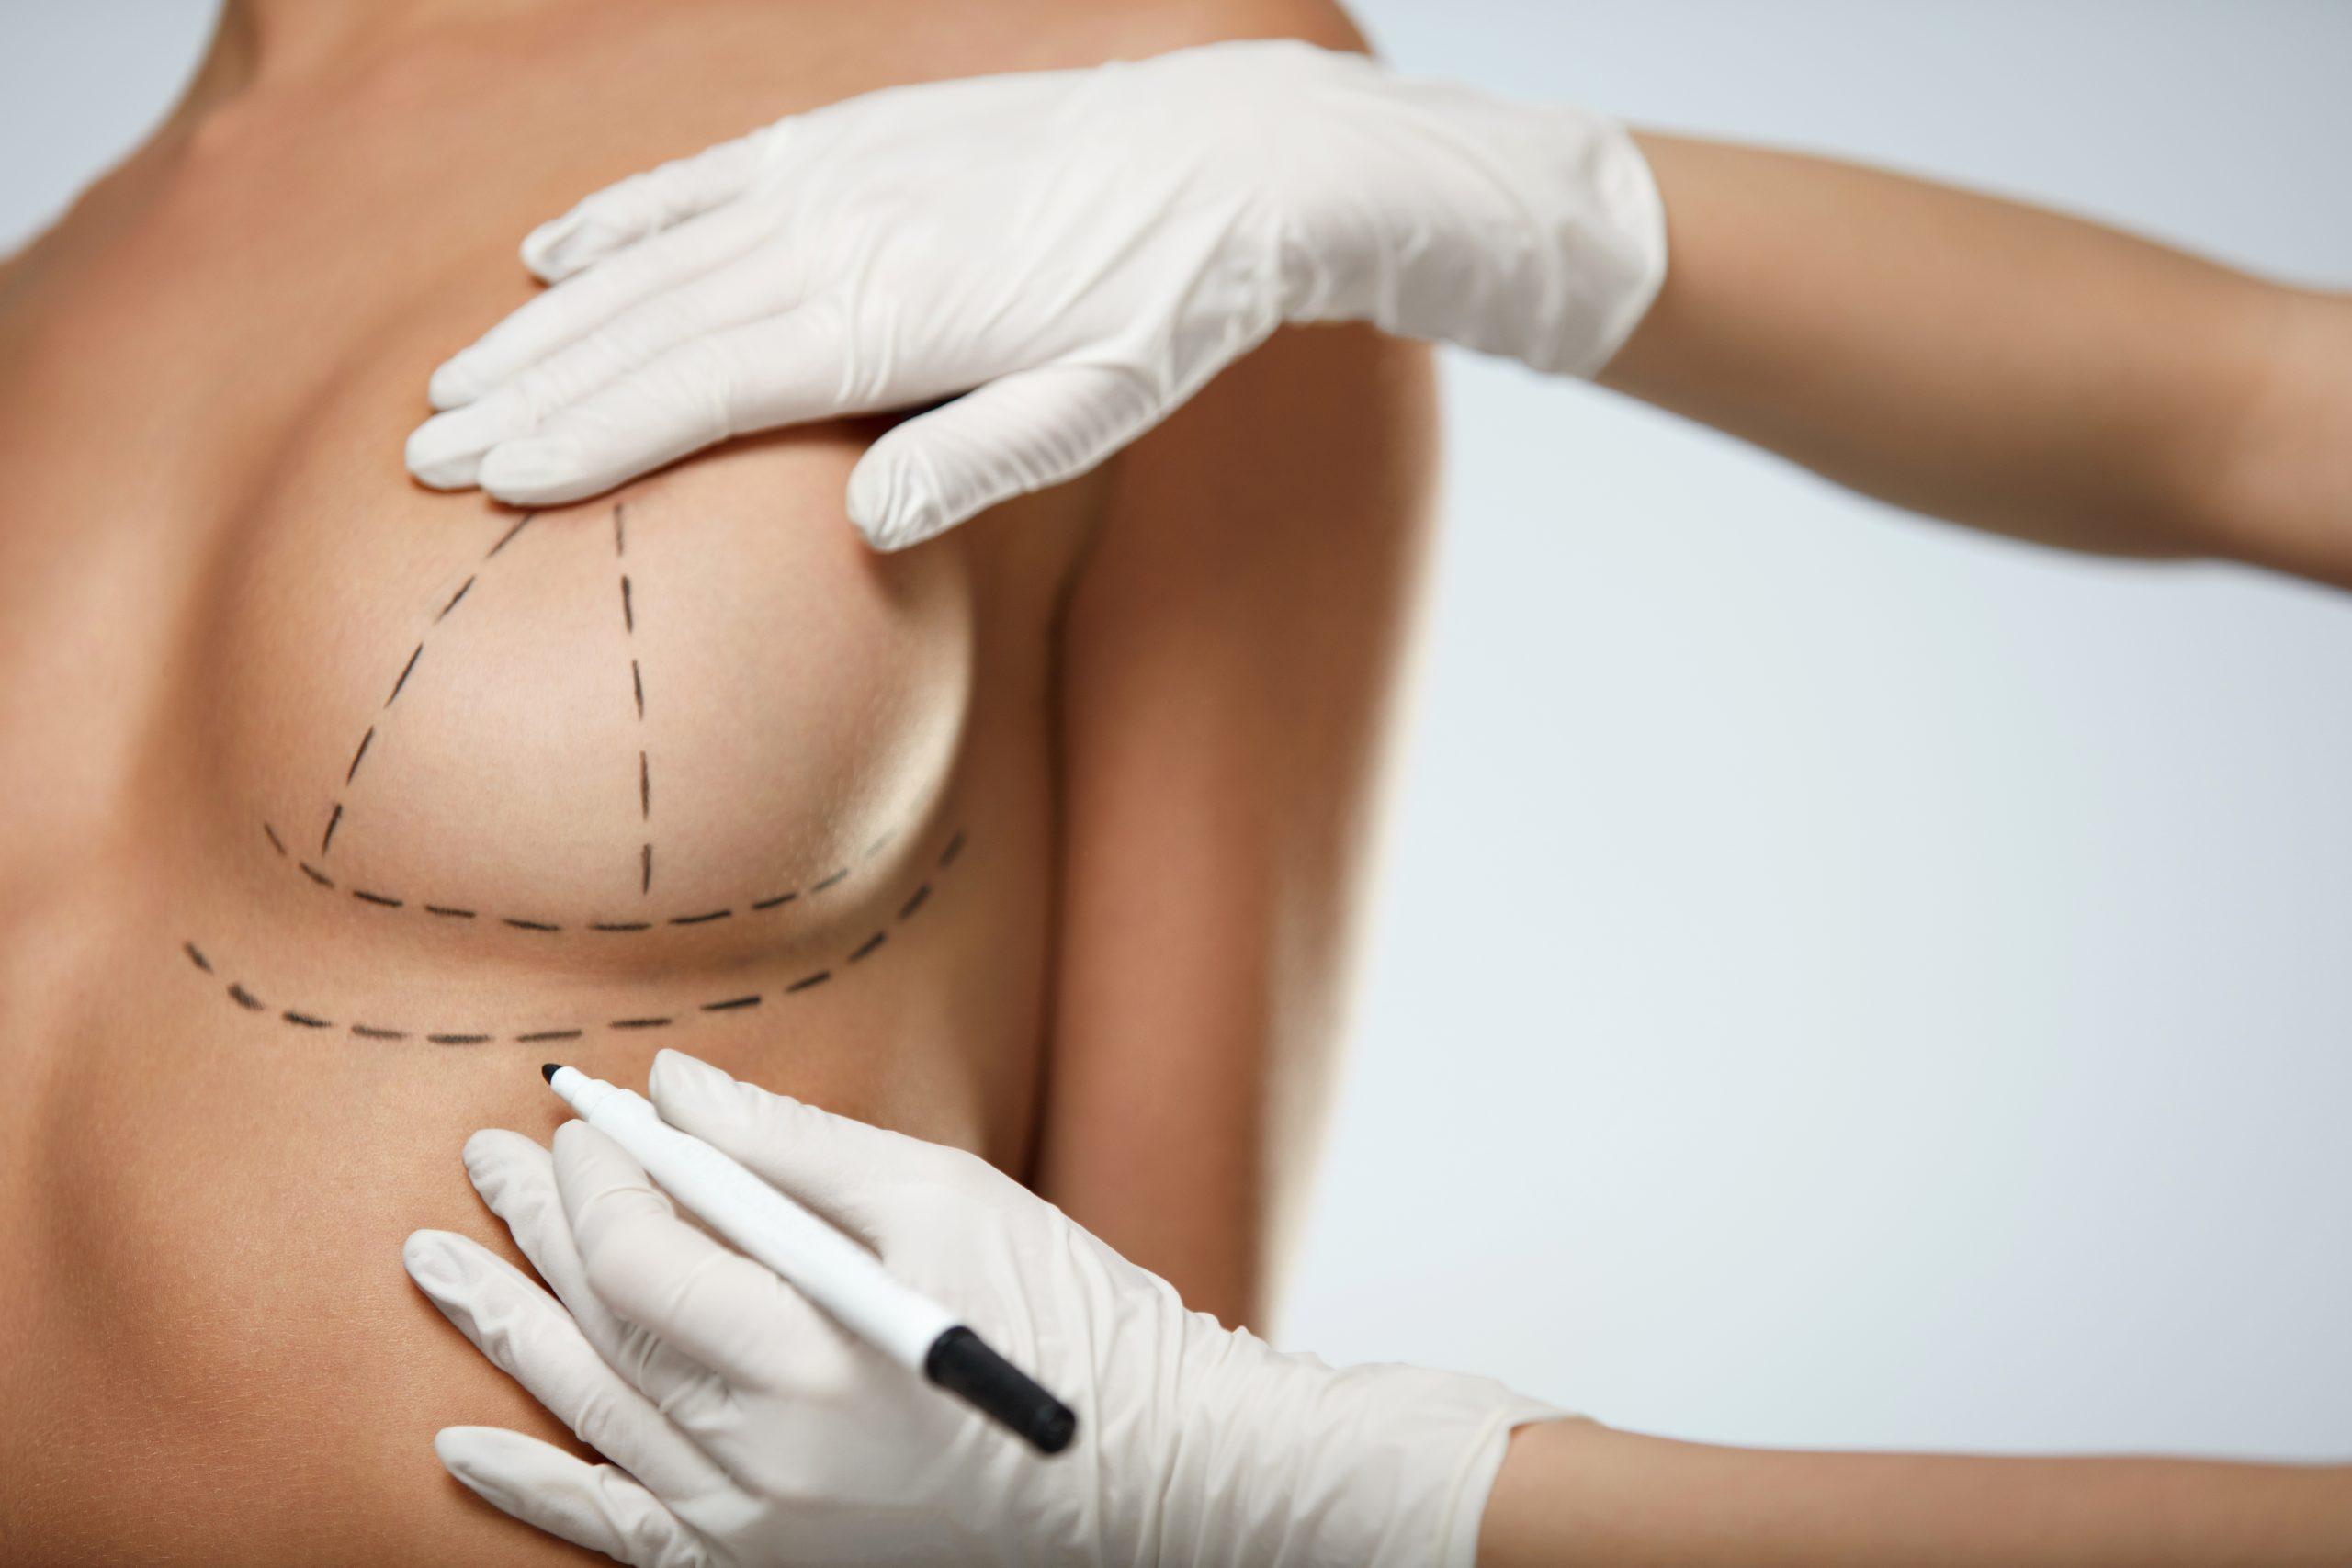 bellecour esthetique reduction mammaire hypertrophie